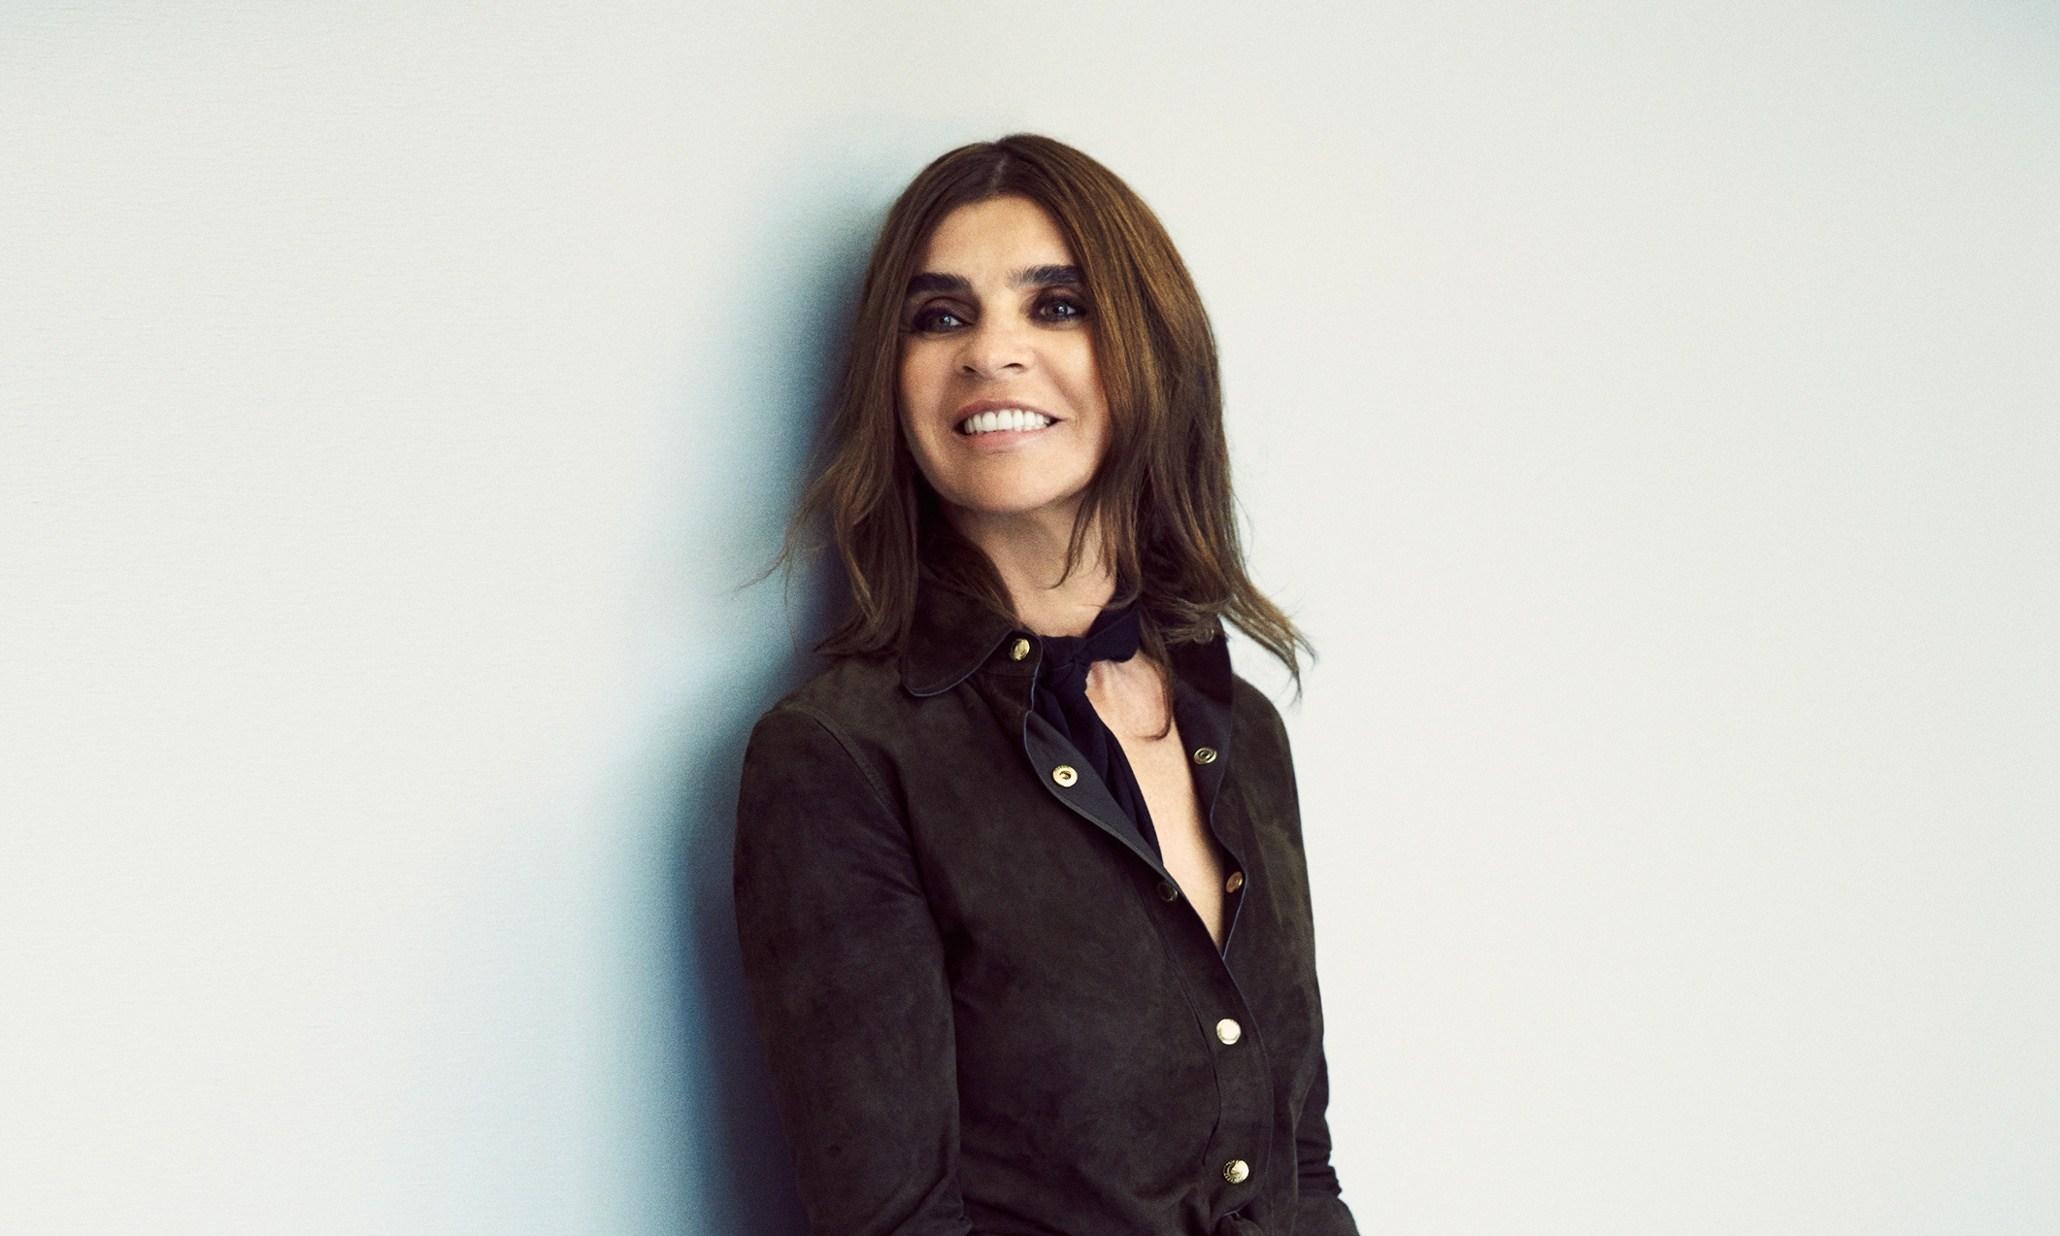 Карин Ройтфельд — экс-главный редактор Vogue. Эпоха провокаций